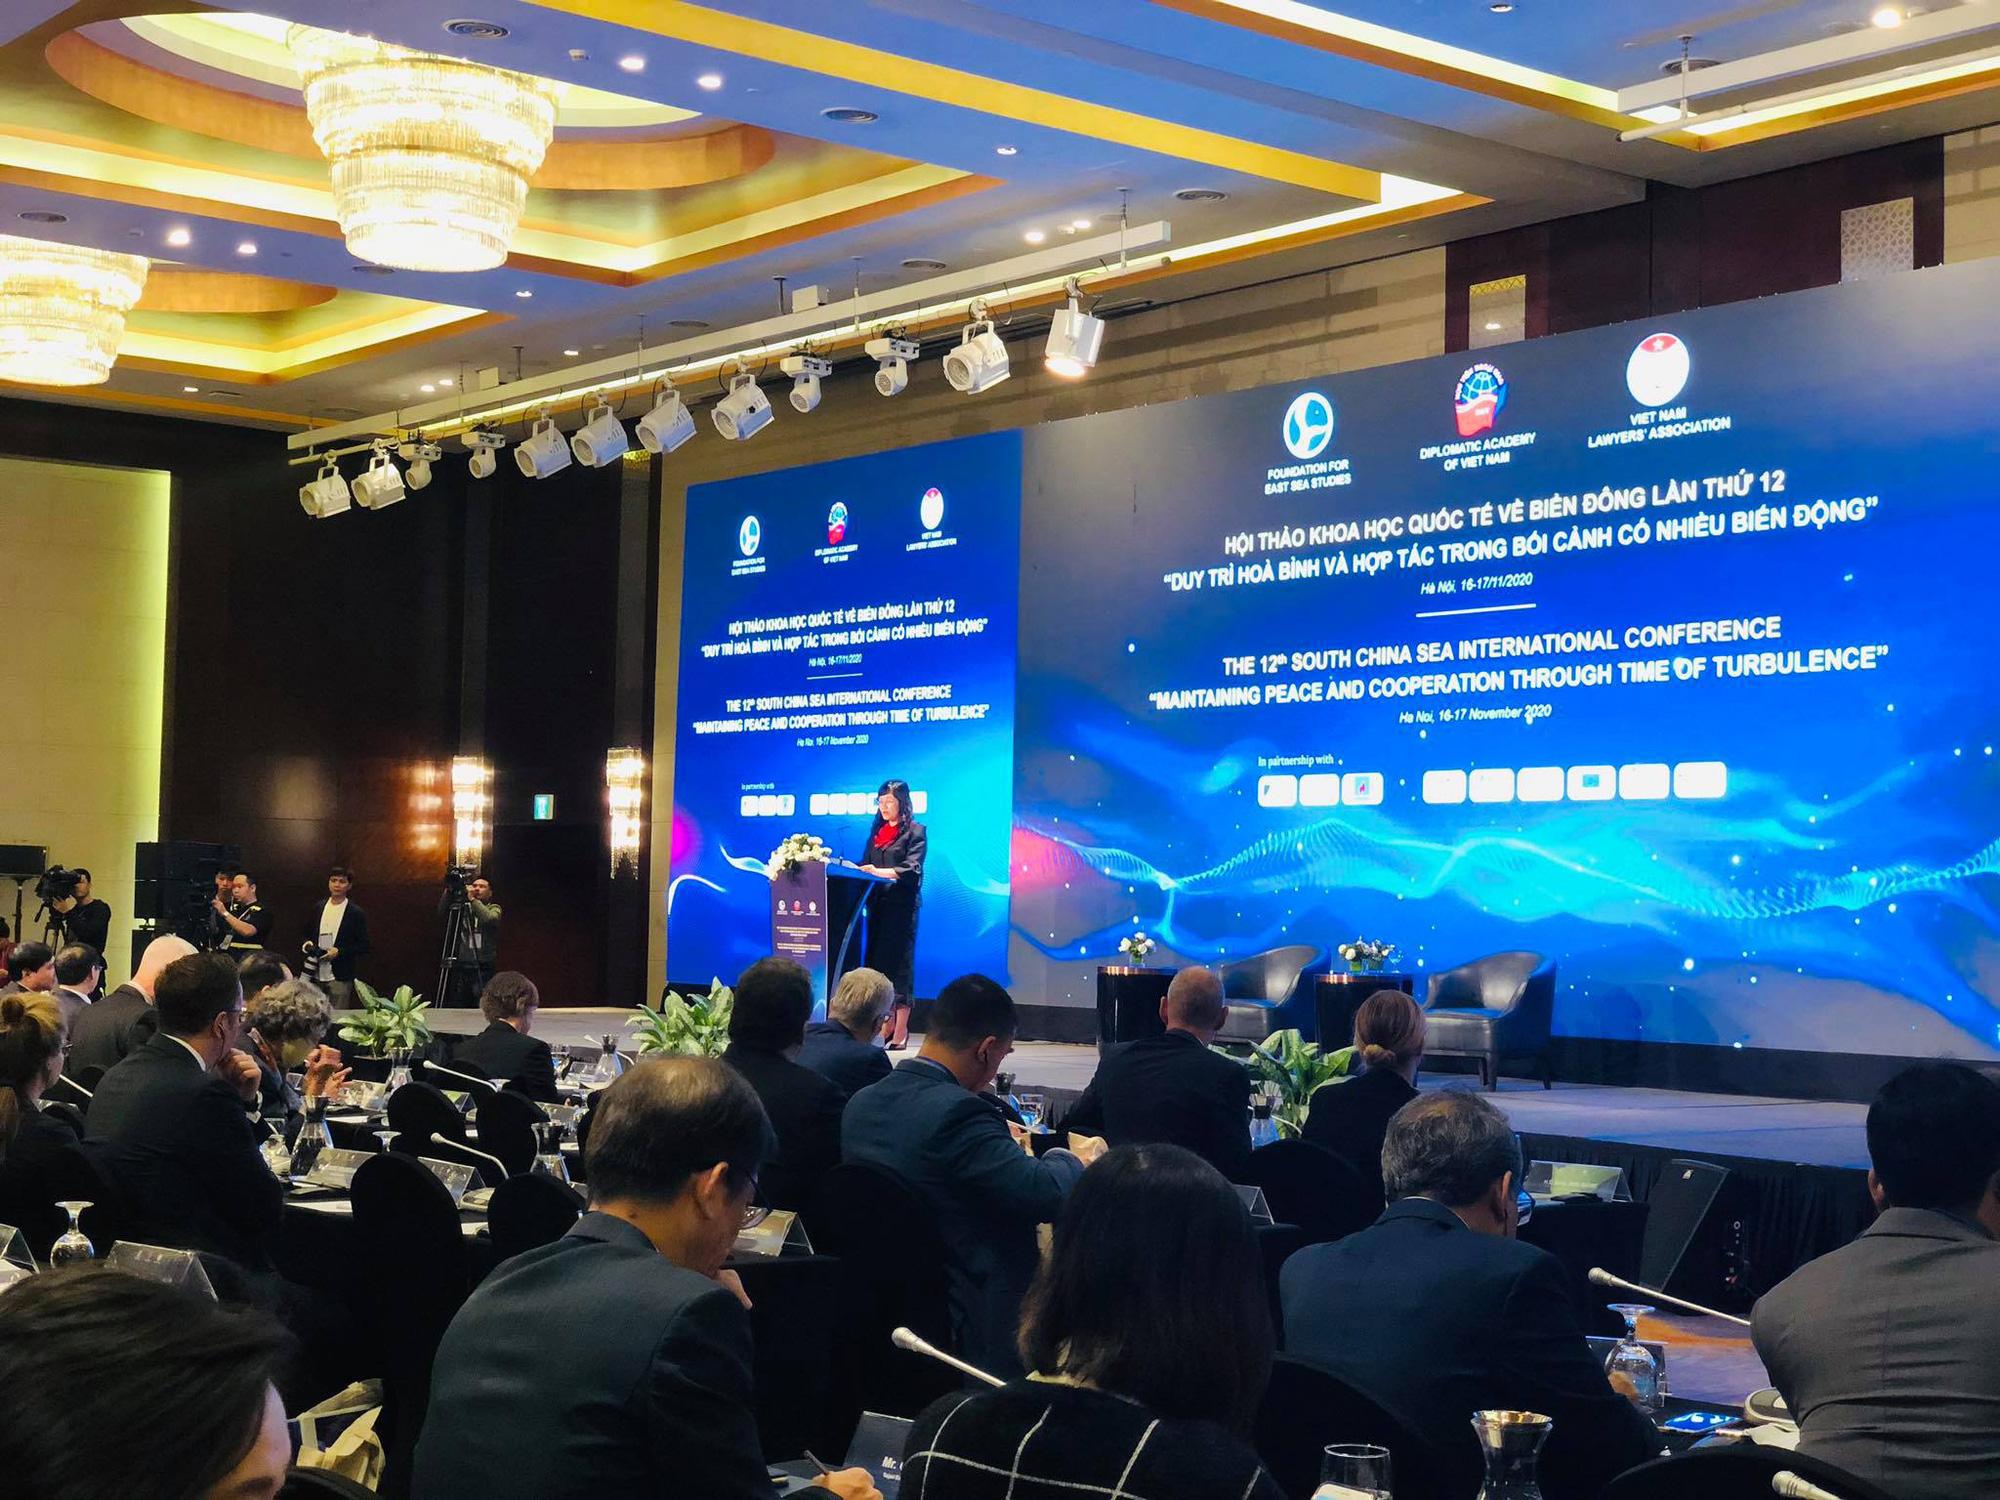 700 đại biểu dự Hội thảo Khoa học Quốc tế về Biển Đông - Ảnh 1.